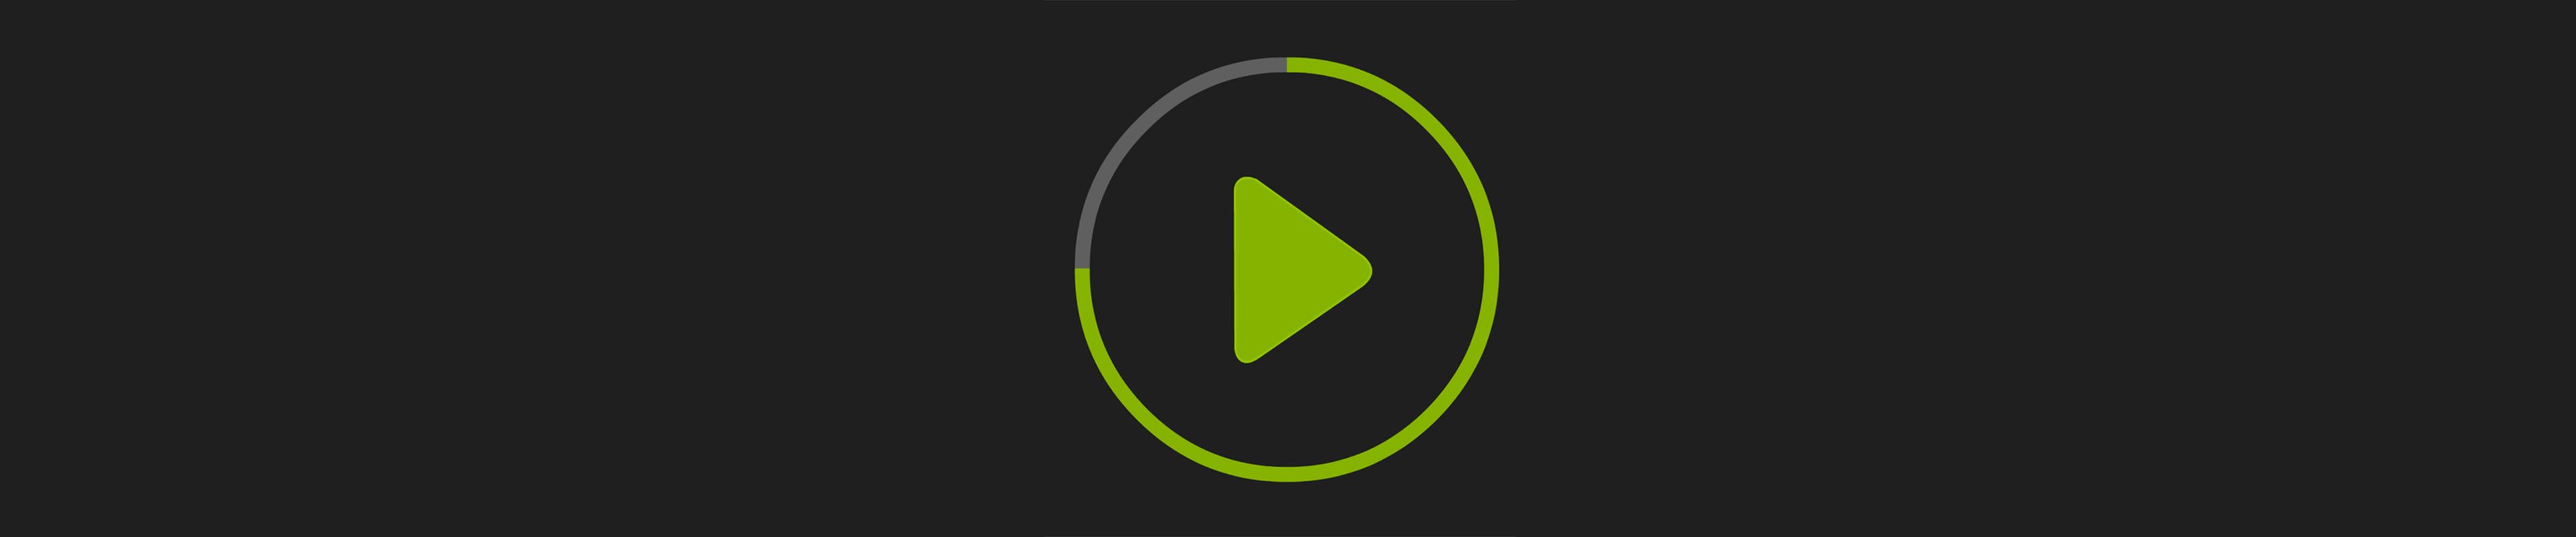 [内购]播放器OPlayer | 播放器OPlayer HD-草蜢资源